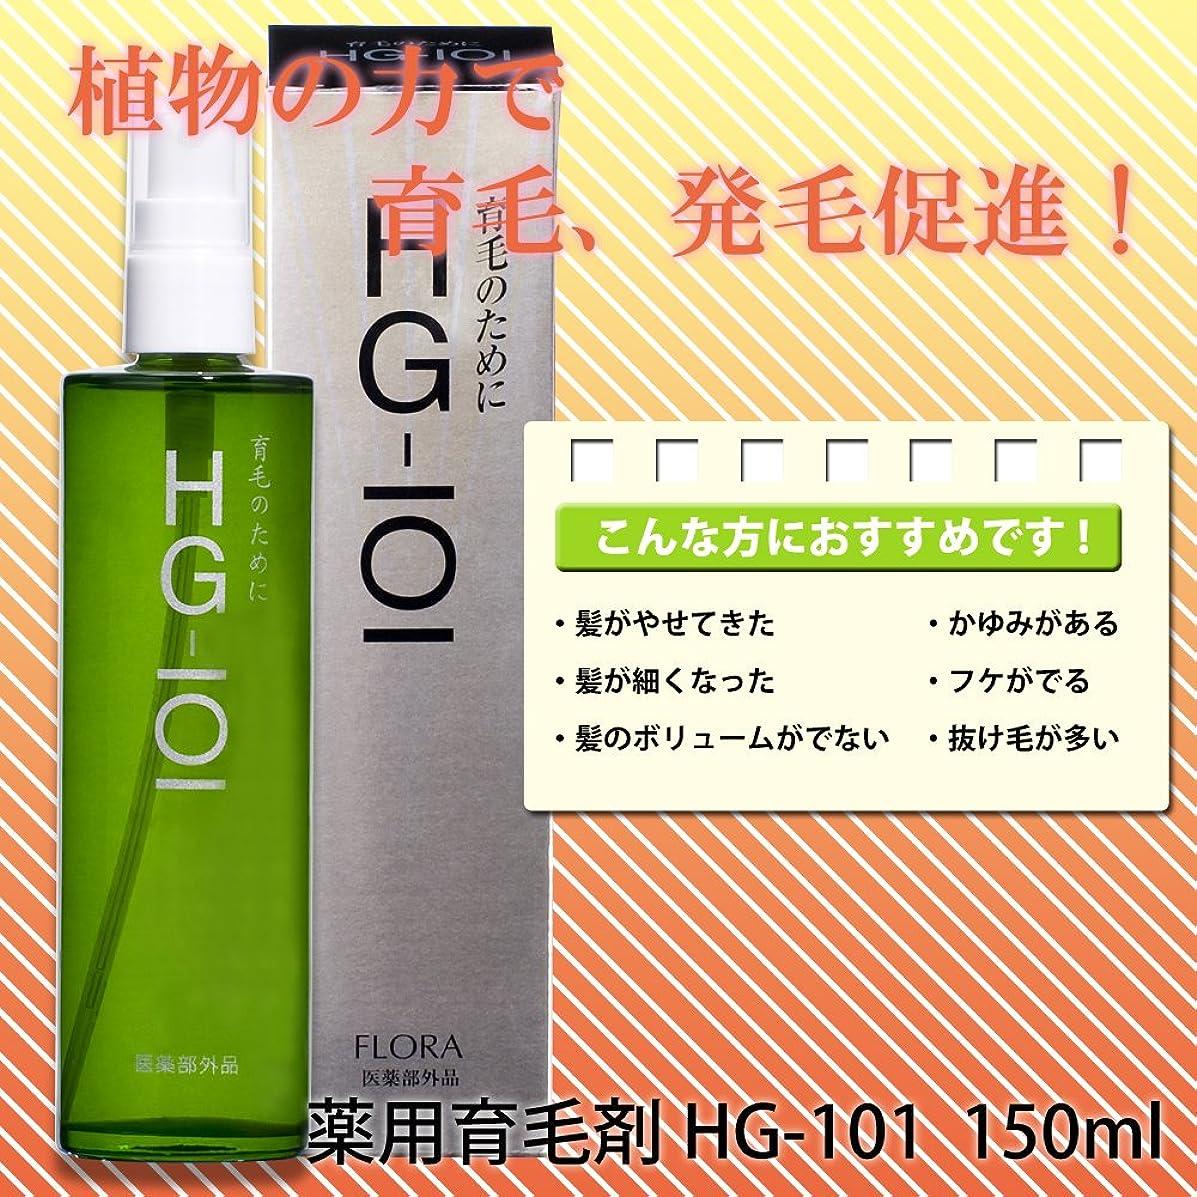 配置司書肌薬用育毛剤HG-101 150ml